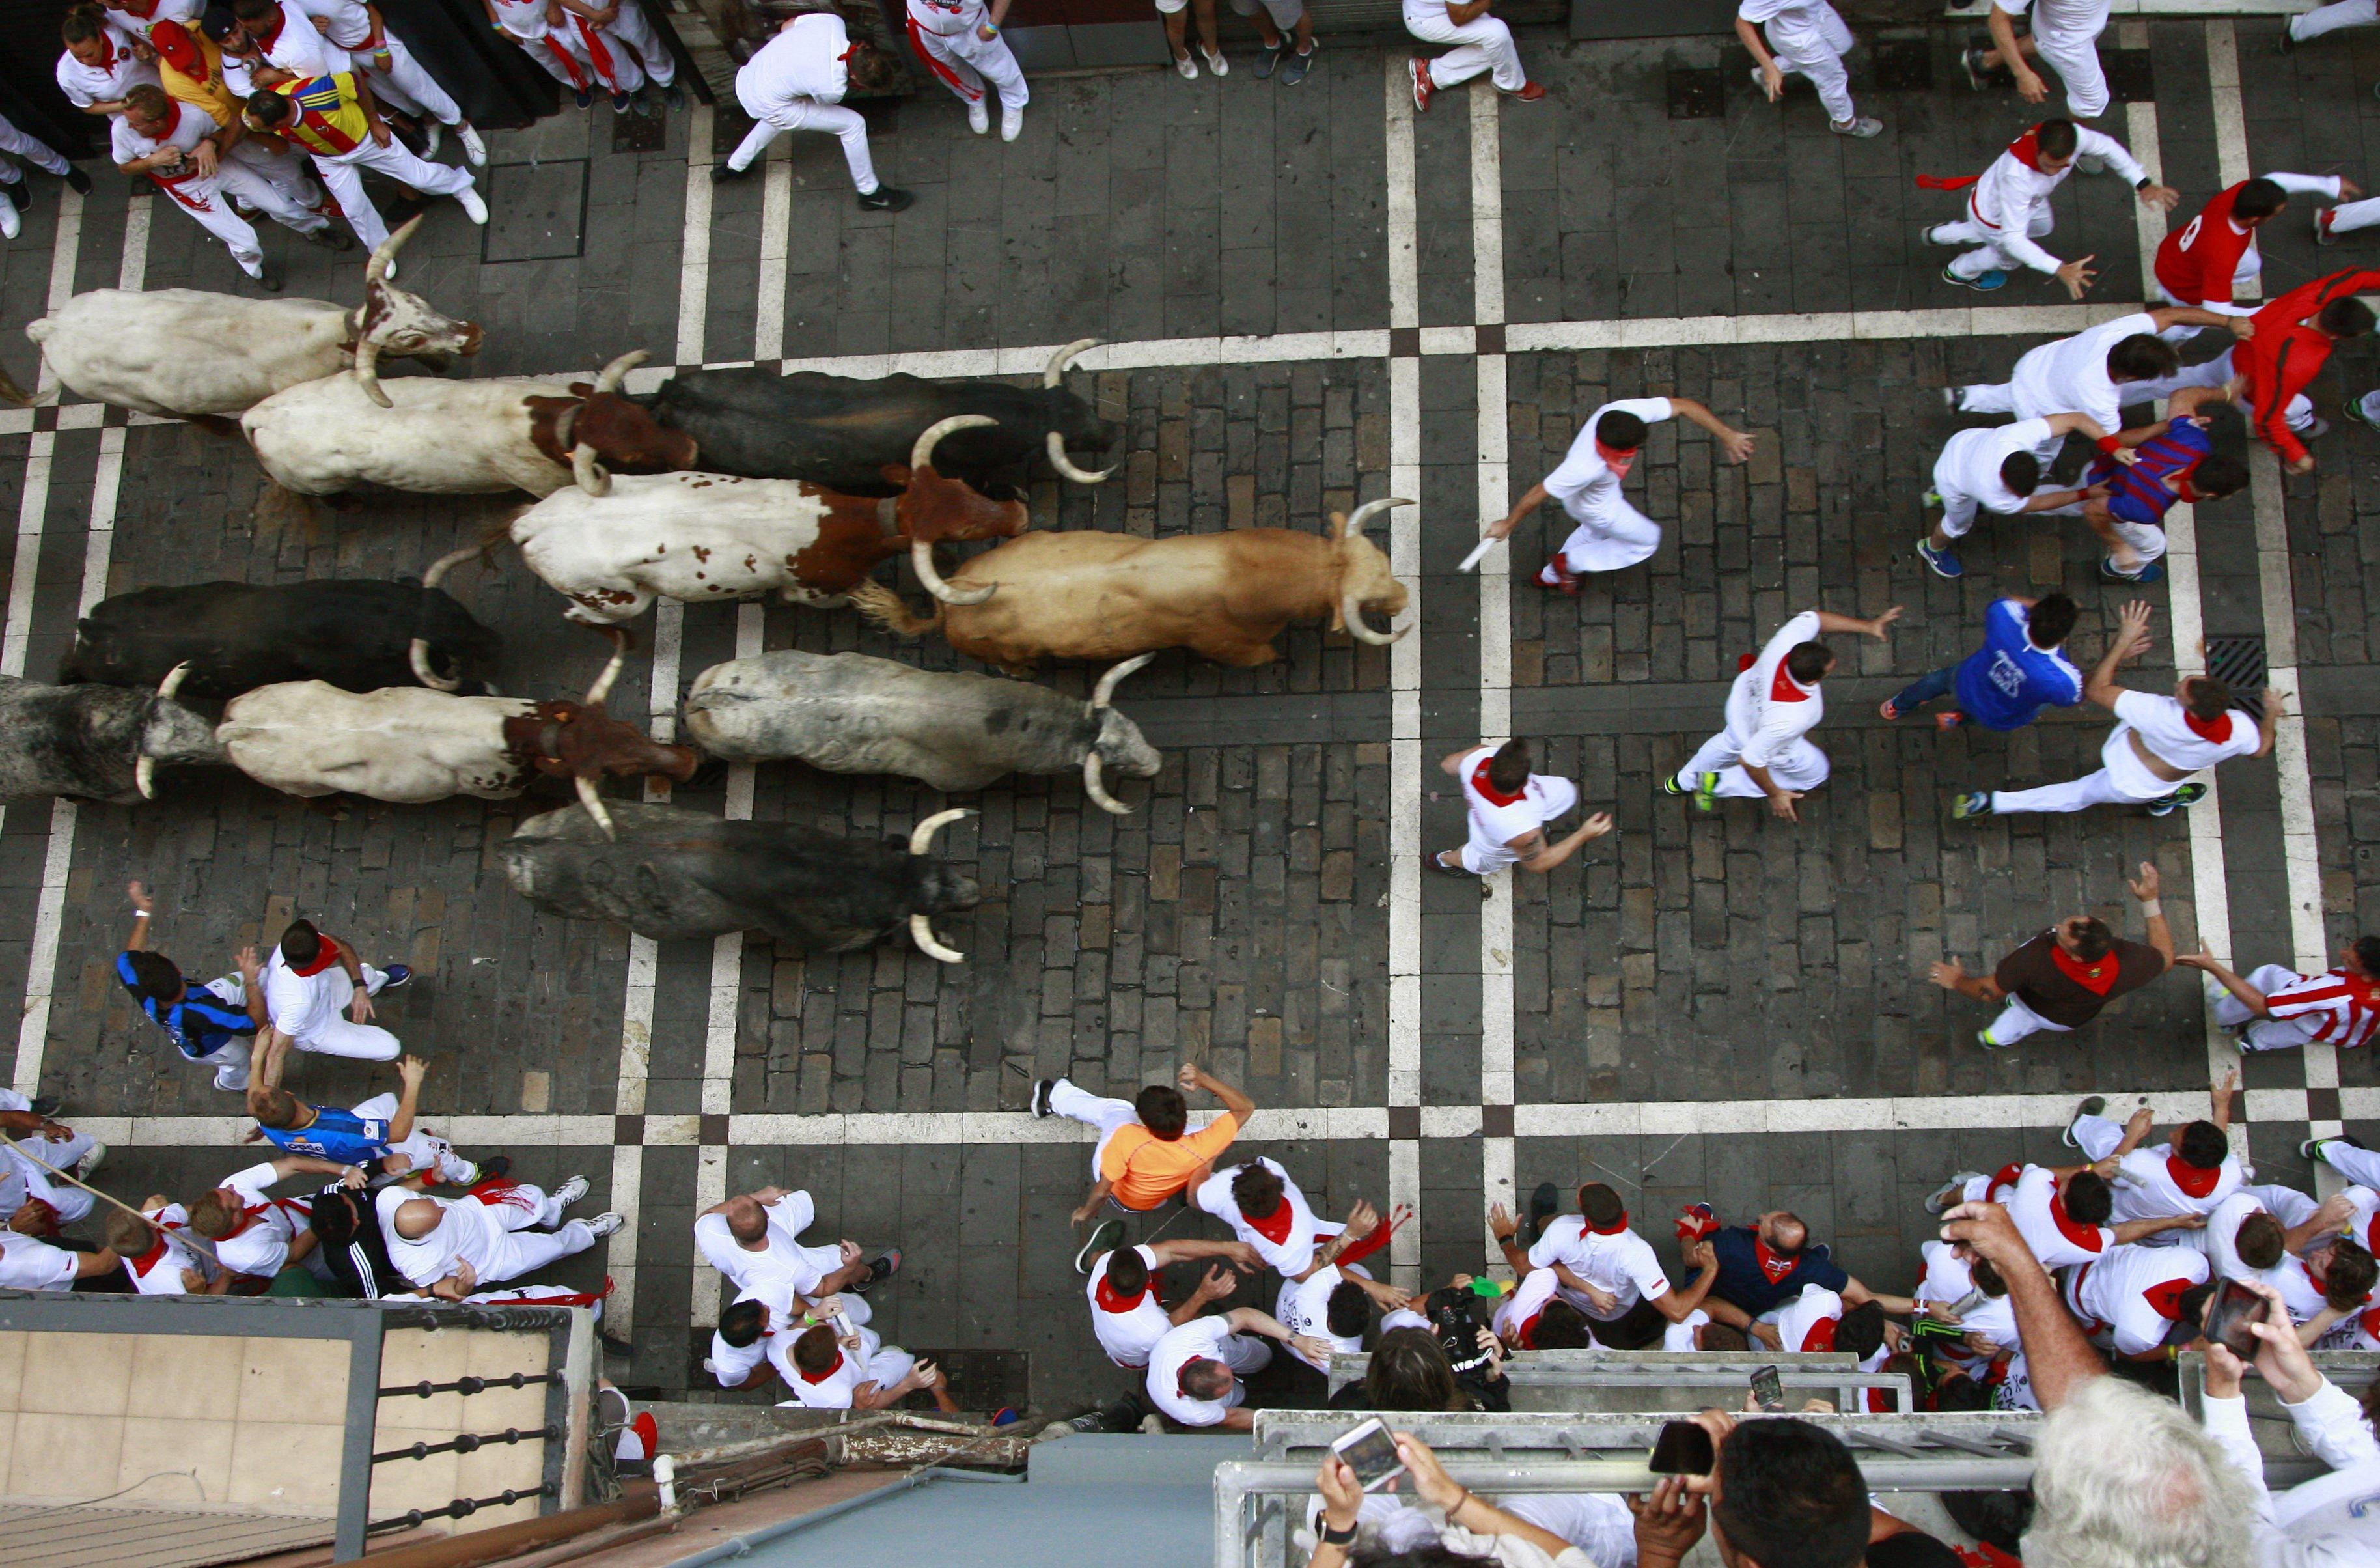 Els toros de la ramaderia gaditana Cebada Gago enfilan el carrer de l'Estafeta durant el primer tancament dels 'sanfermines'. /JOSU SANTESTEBAN